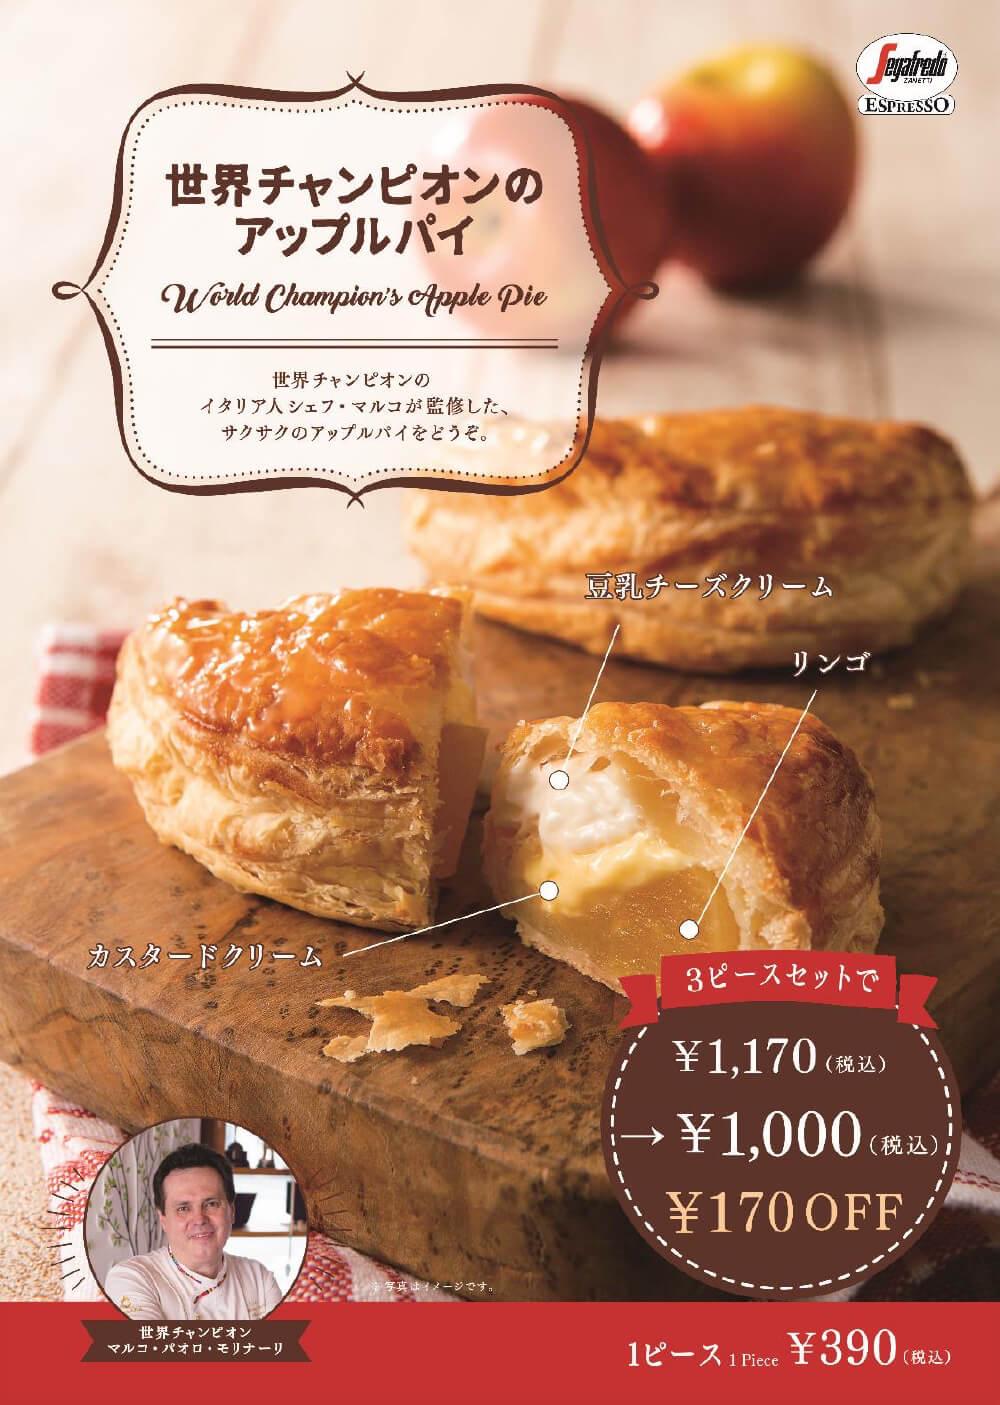 世界チャンピオンのアップルパイ店舗限定で好評販売中!